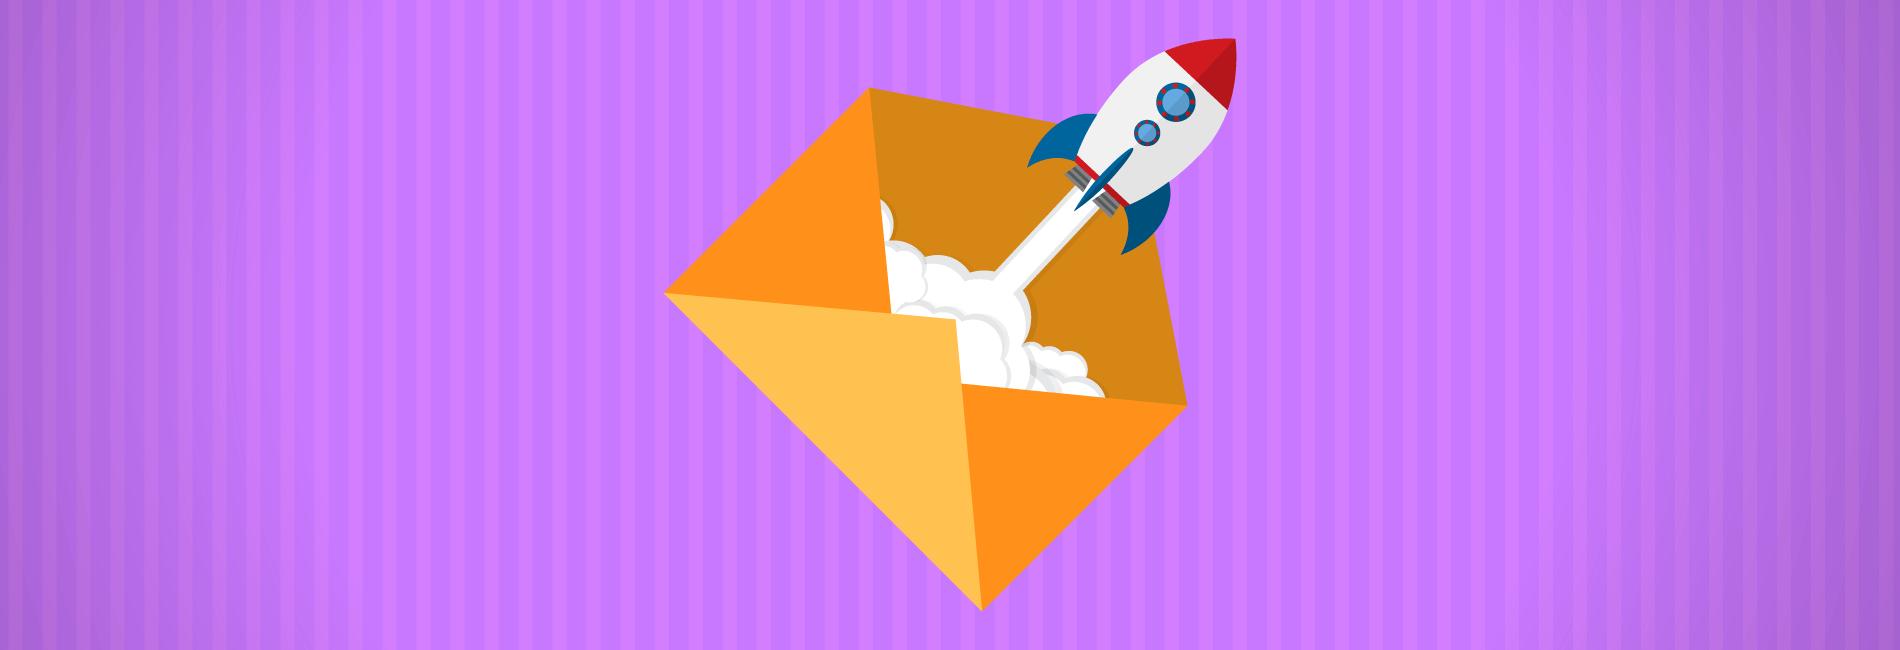 các 8 Các plugin mẫu đăng ký WordPress tốt nhất để khởi động danh sách của bạn 5